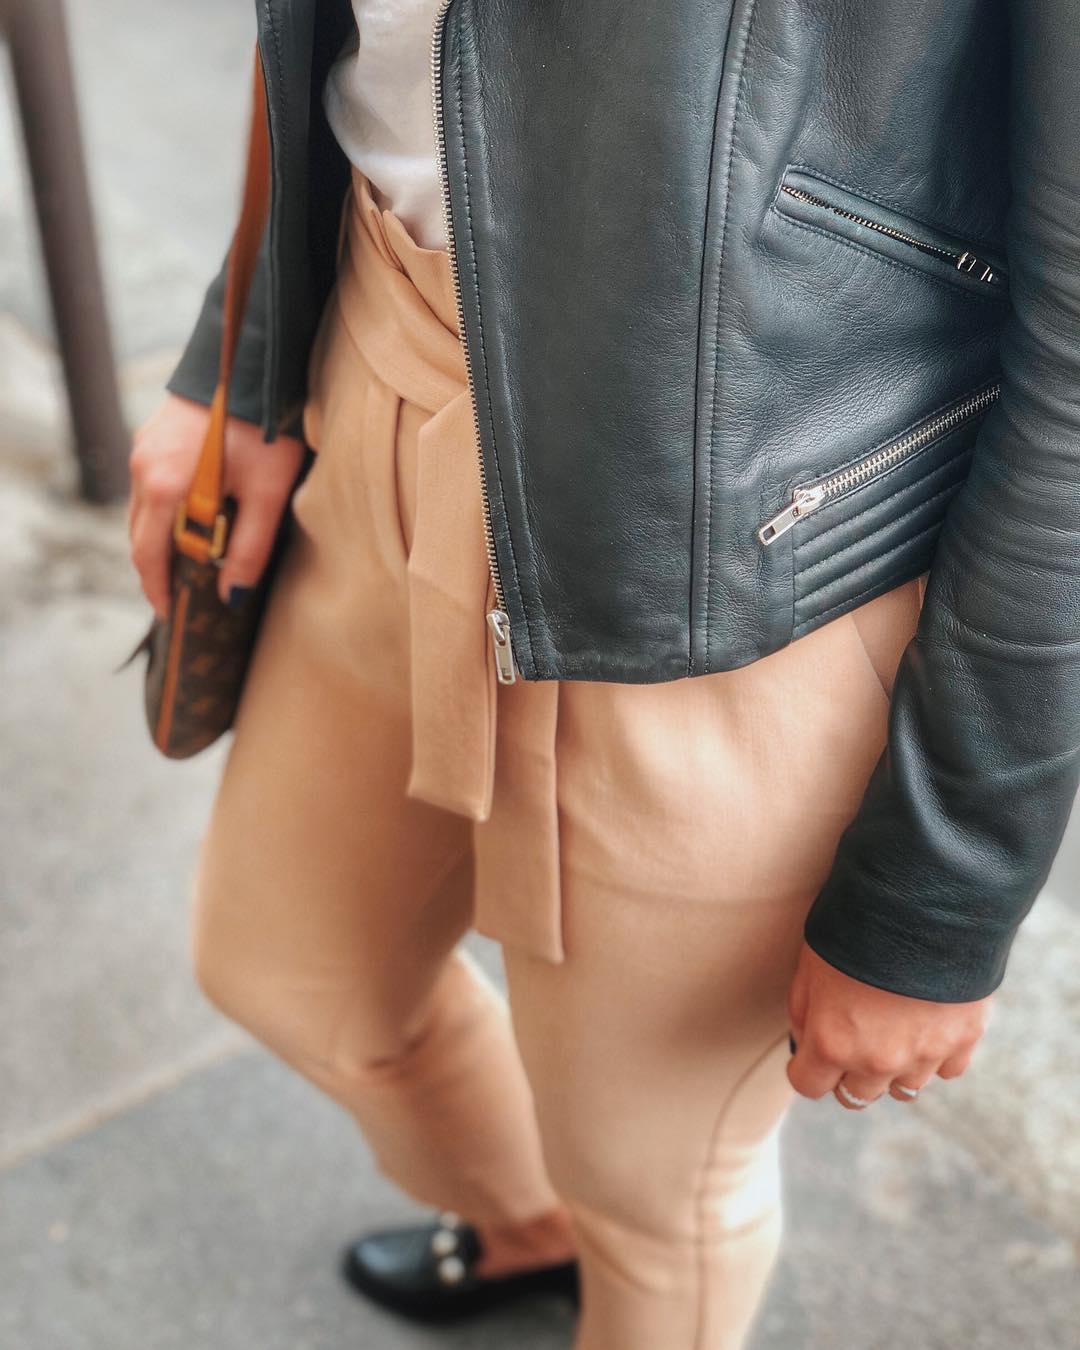 pantalon caramel de Les Bourgeoises sur hello.aude